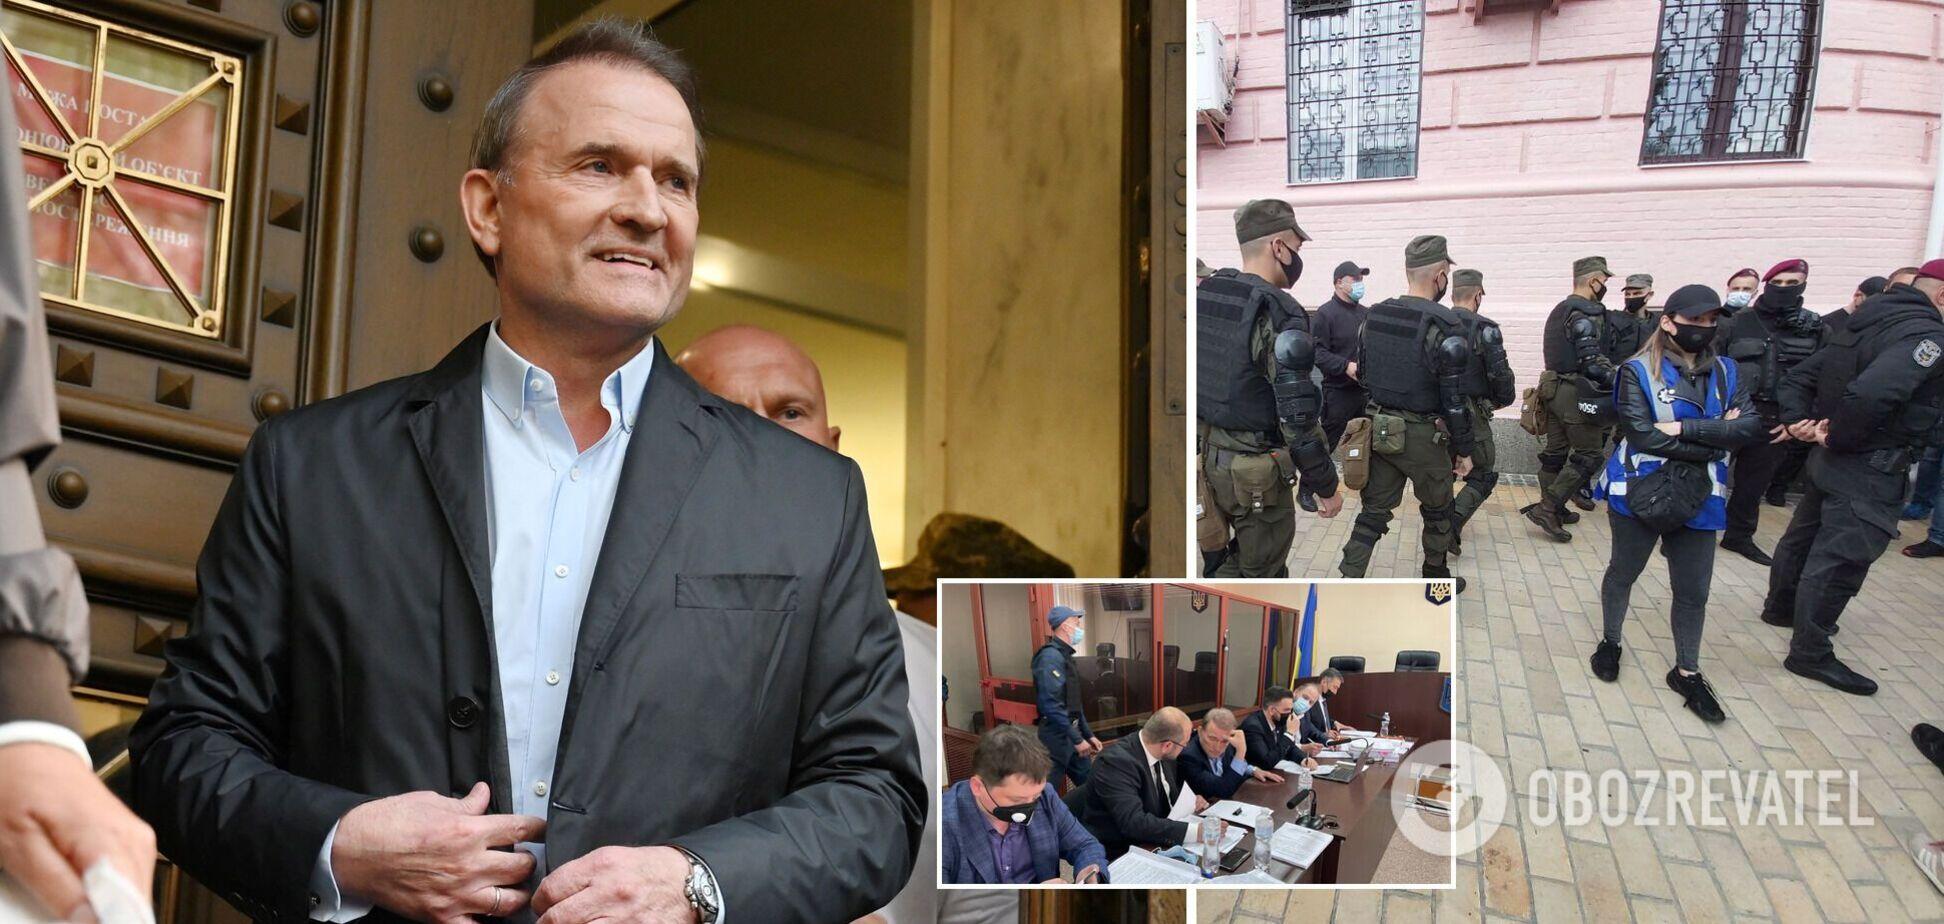 Медведчук выступил на суде, где ему избирают меру пресечения. Все детали, фото и видео